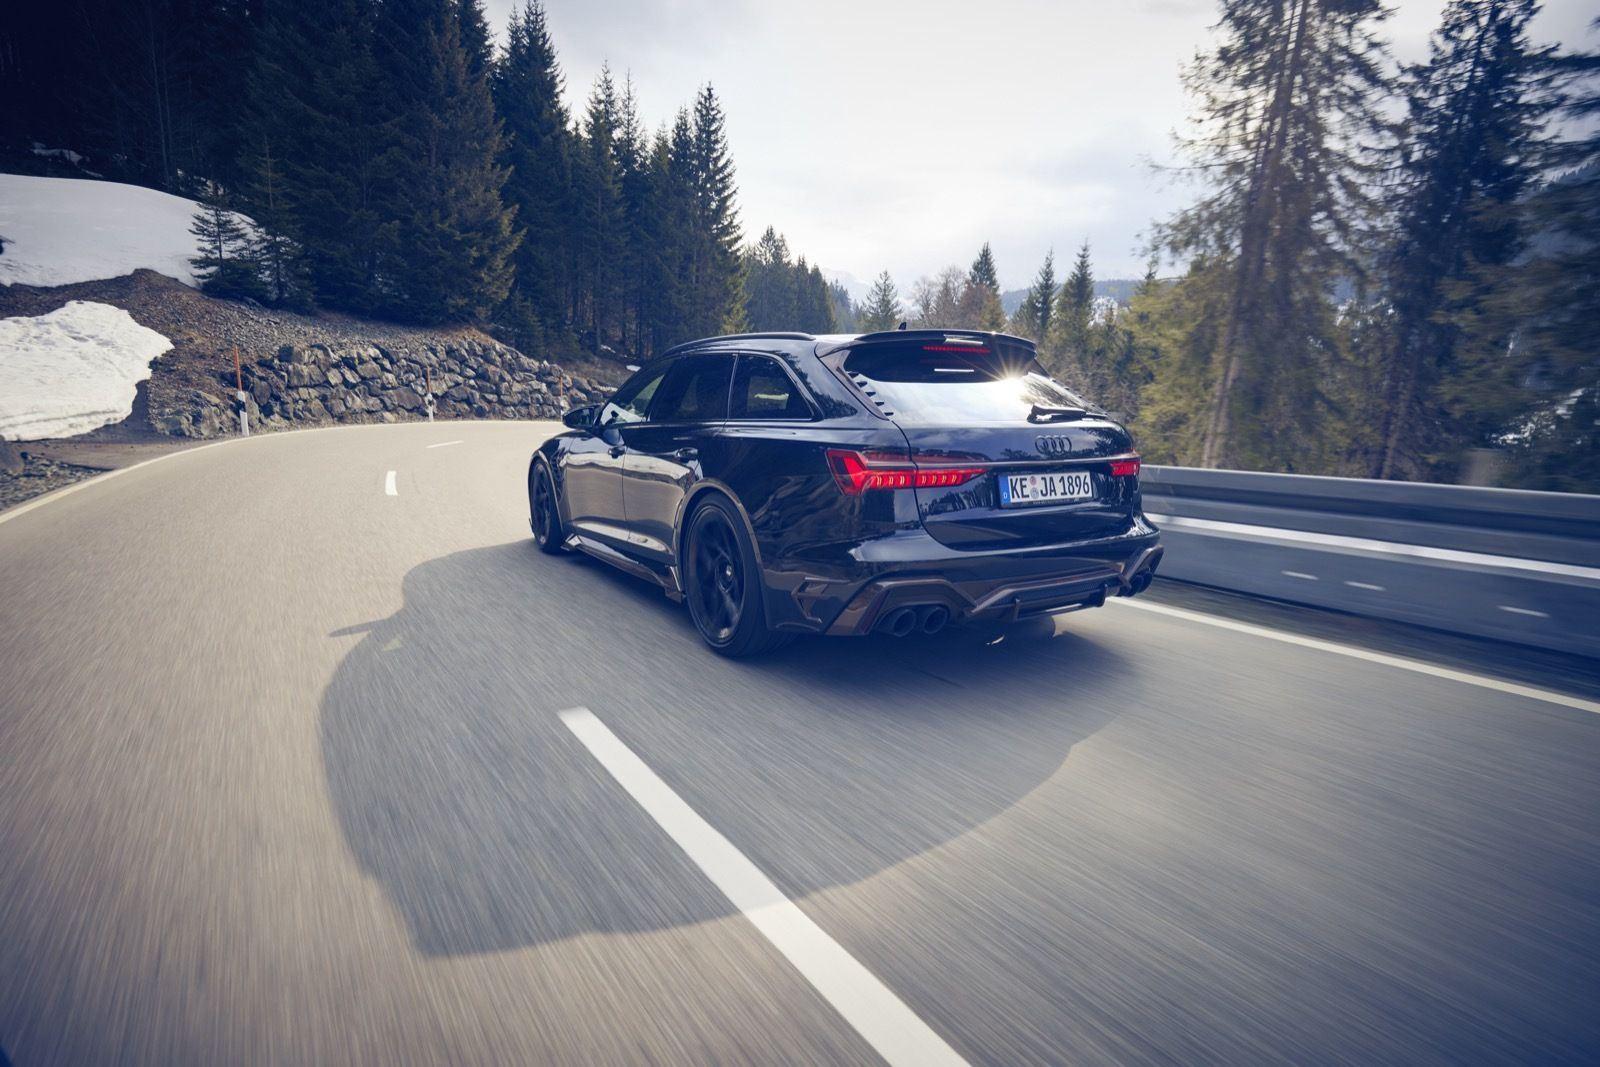 Audi_RS6_Johann_Abt_Signature_Edition-0014